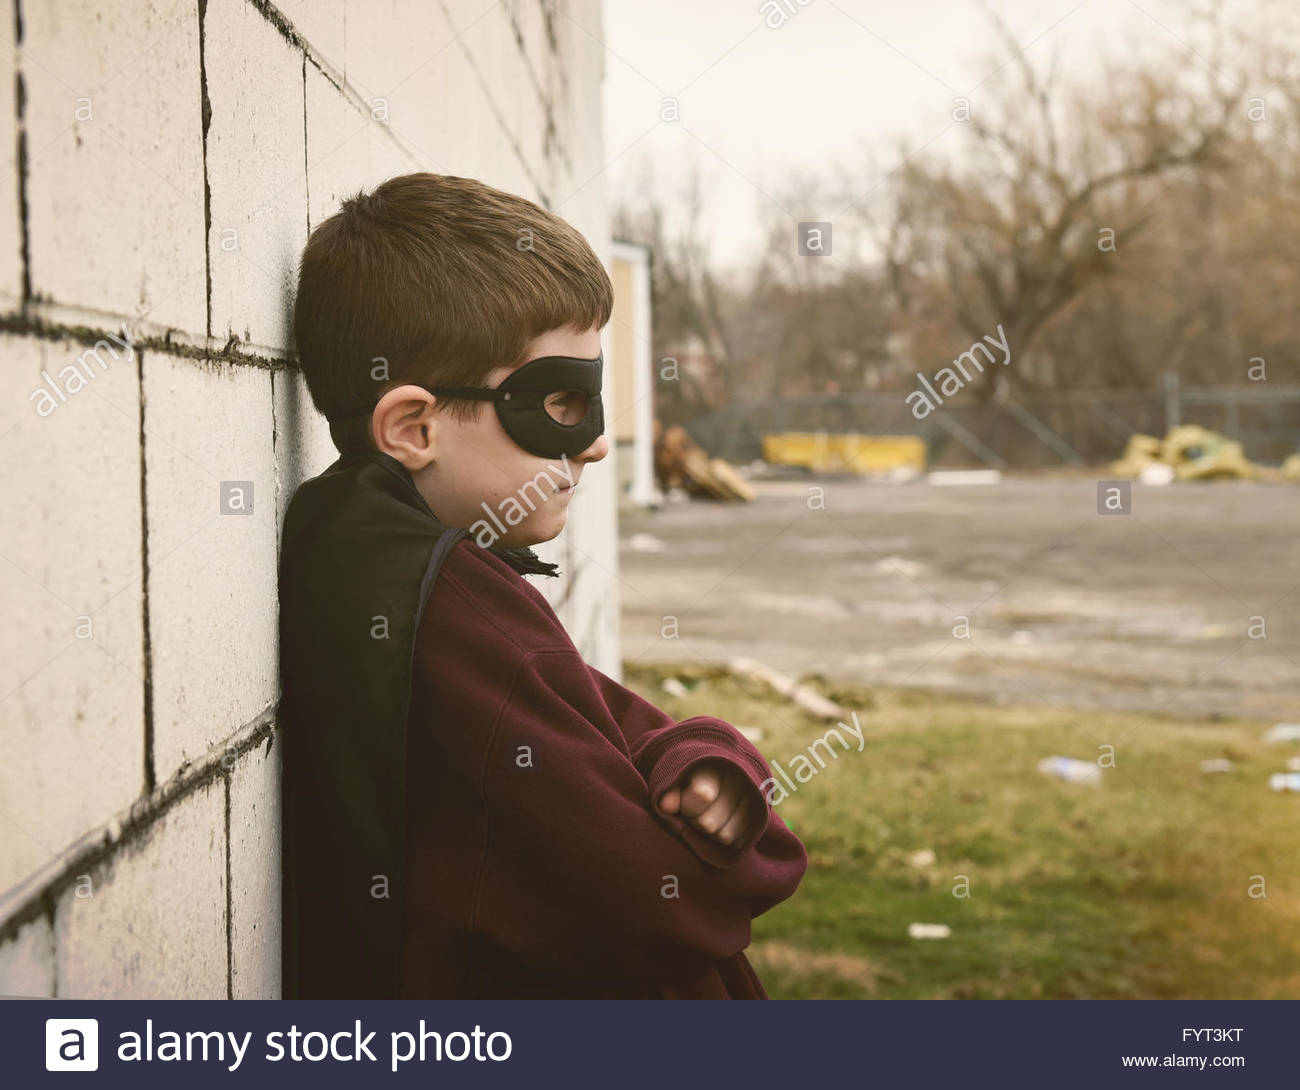 Un giovane ragazzo è vestito come un super eroe contro un muro con un recinto di città e di inquinamento Immagini Stock